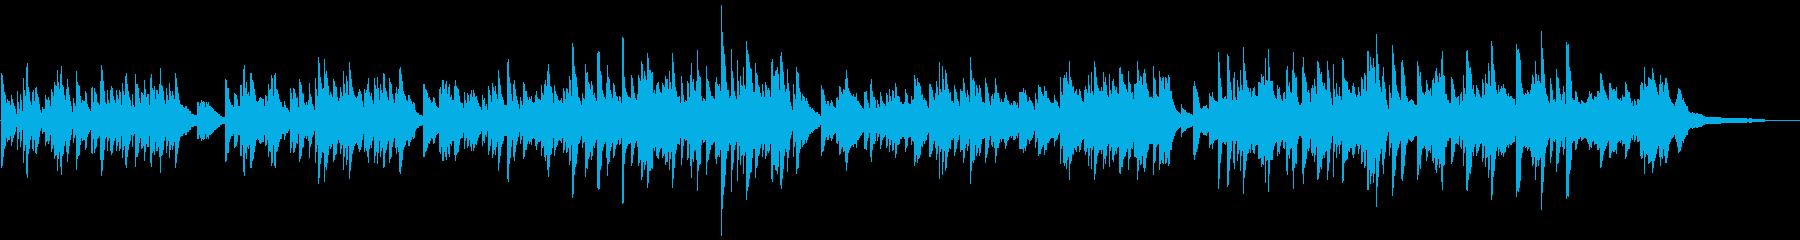 CM/カフェ 明るく爽やかなピアノソロの再生済みの波形